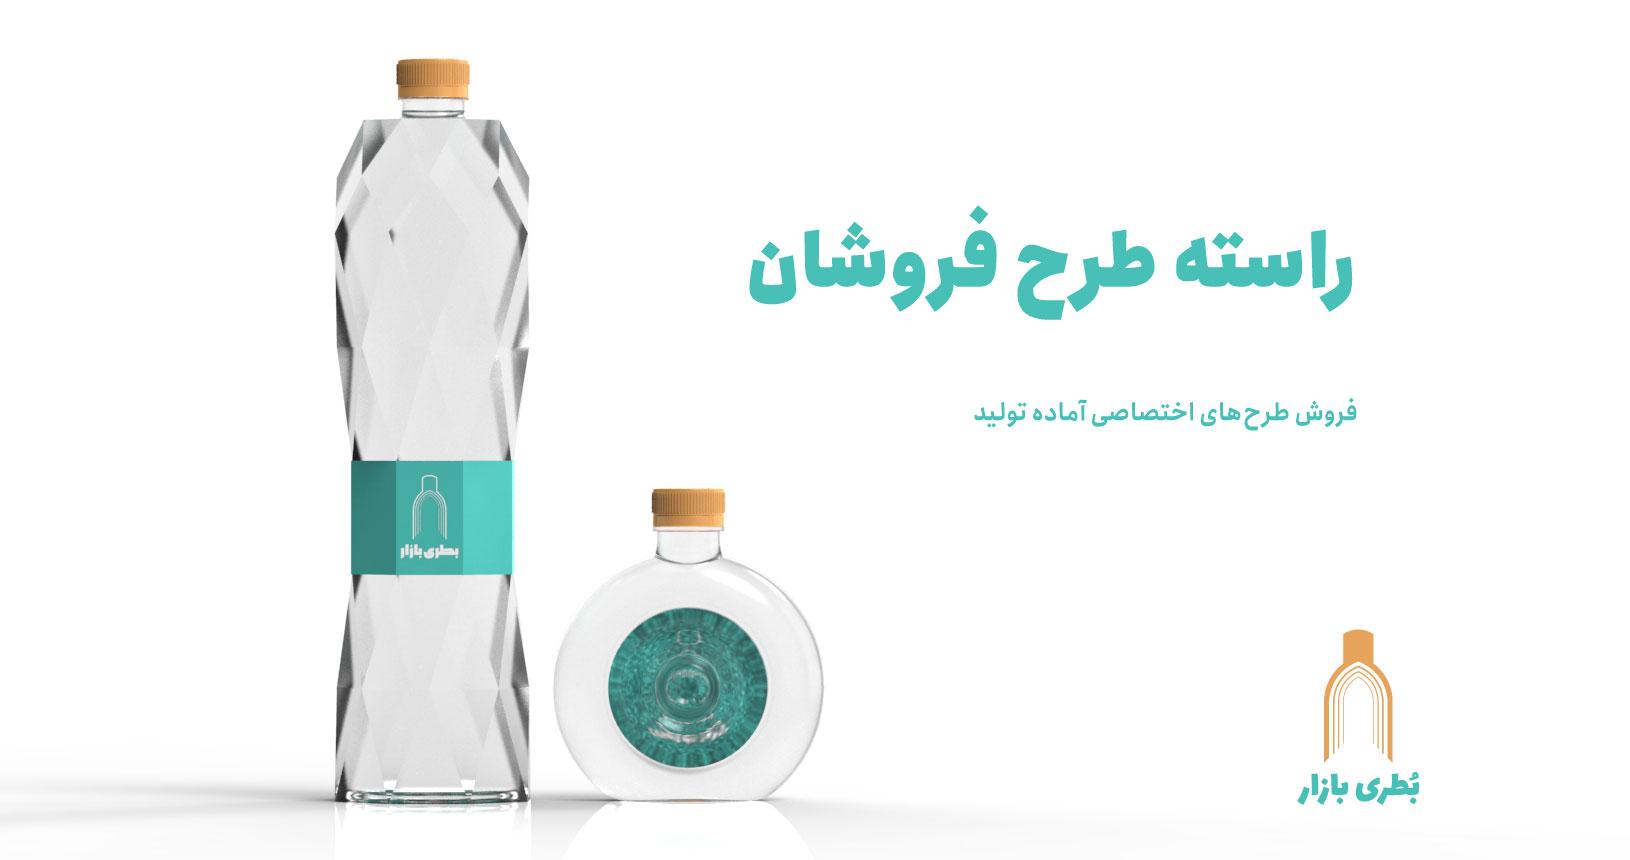 طراحی و قالبسازی بطری